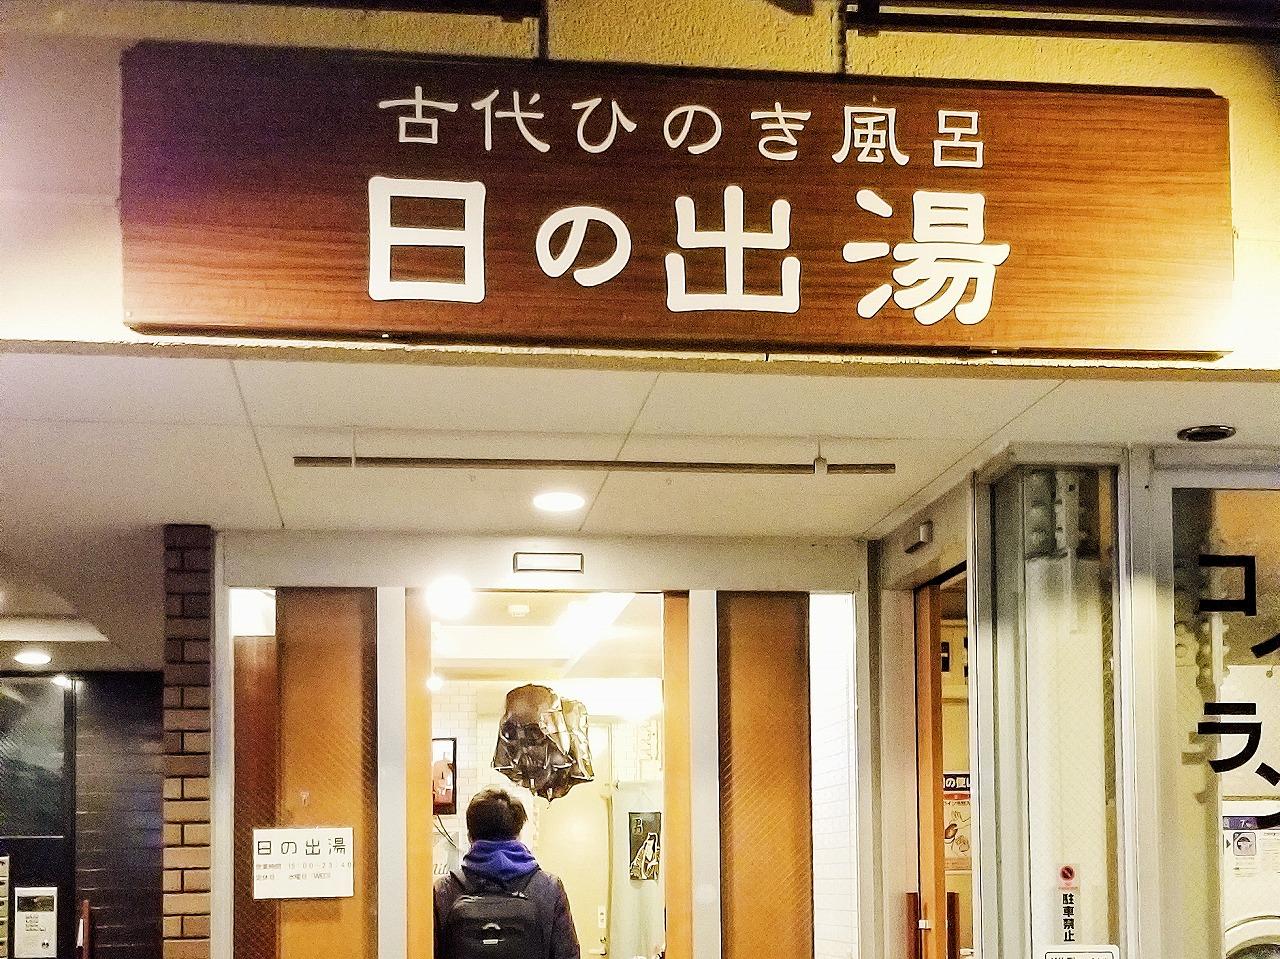 おすすめの銭湯:台東区 稲荷町駅 日の出湯は檜風呂が珍しい。